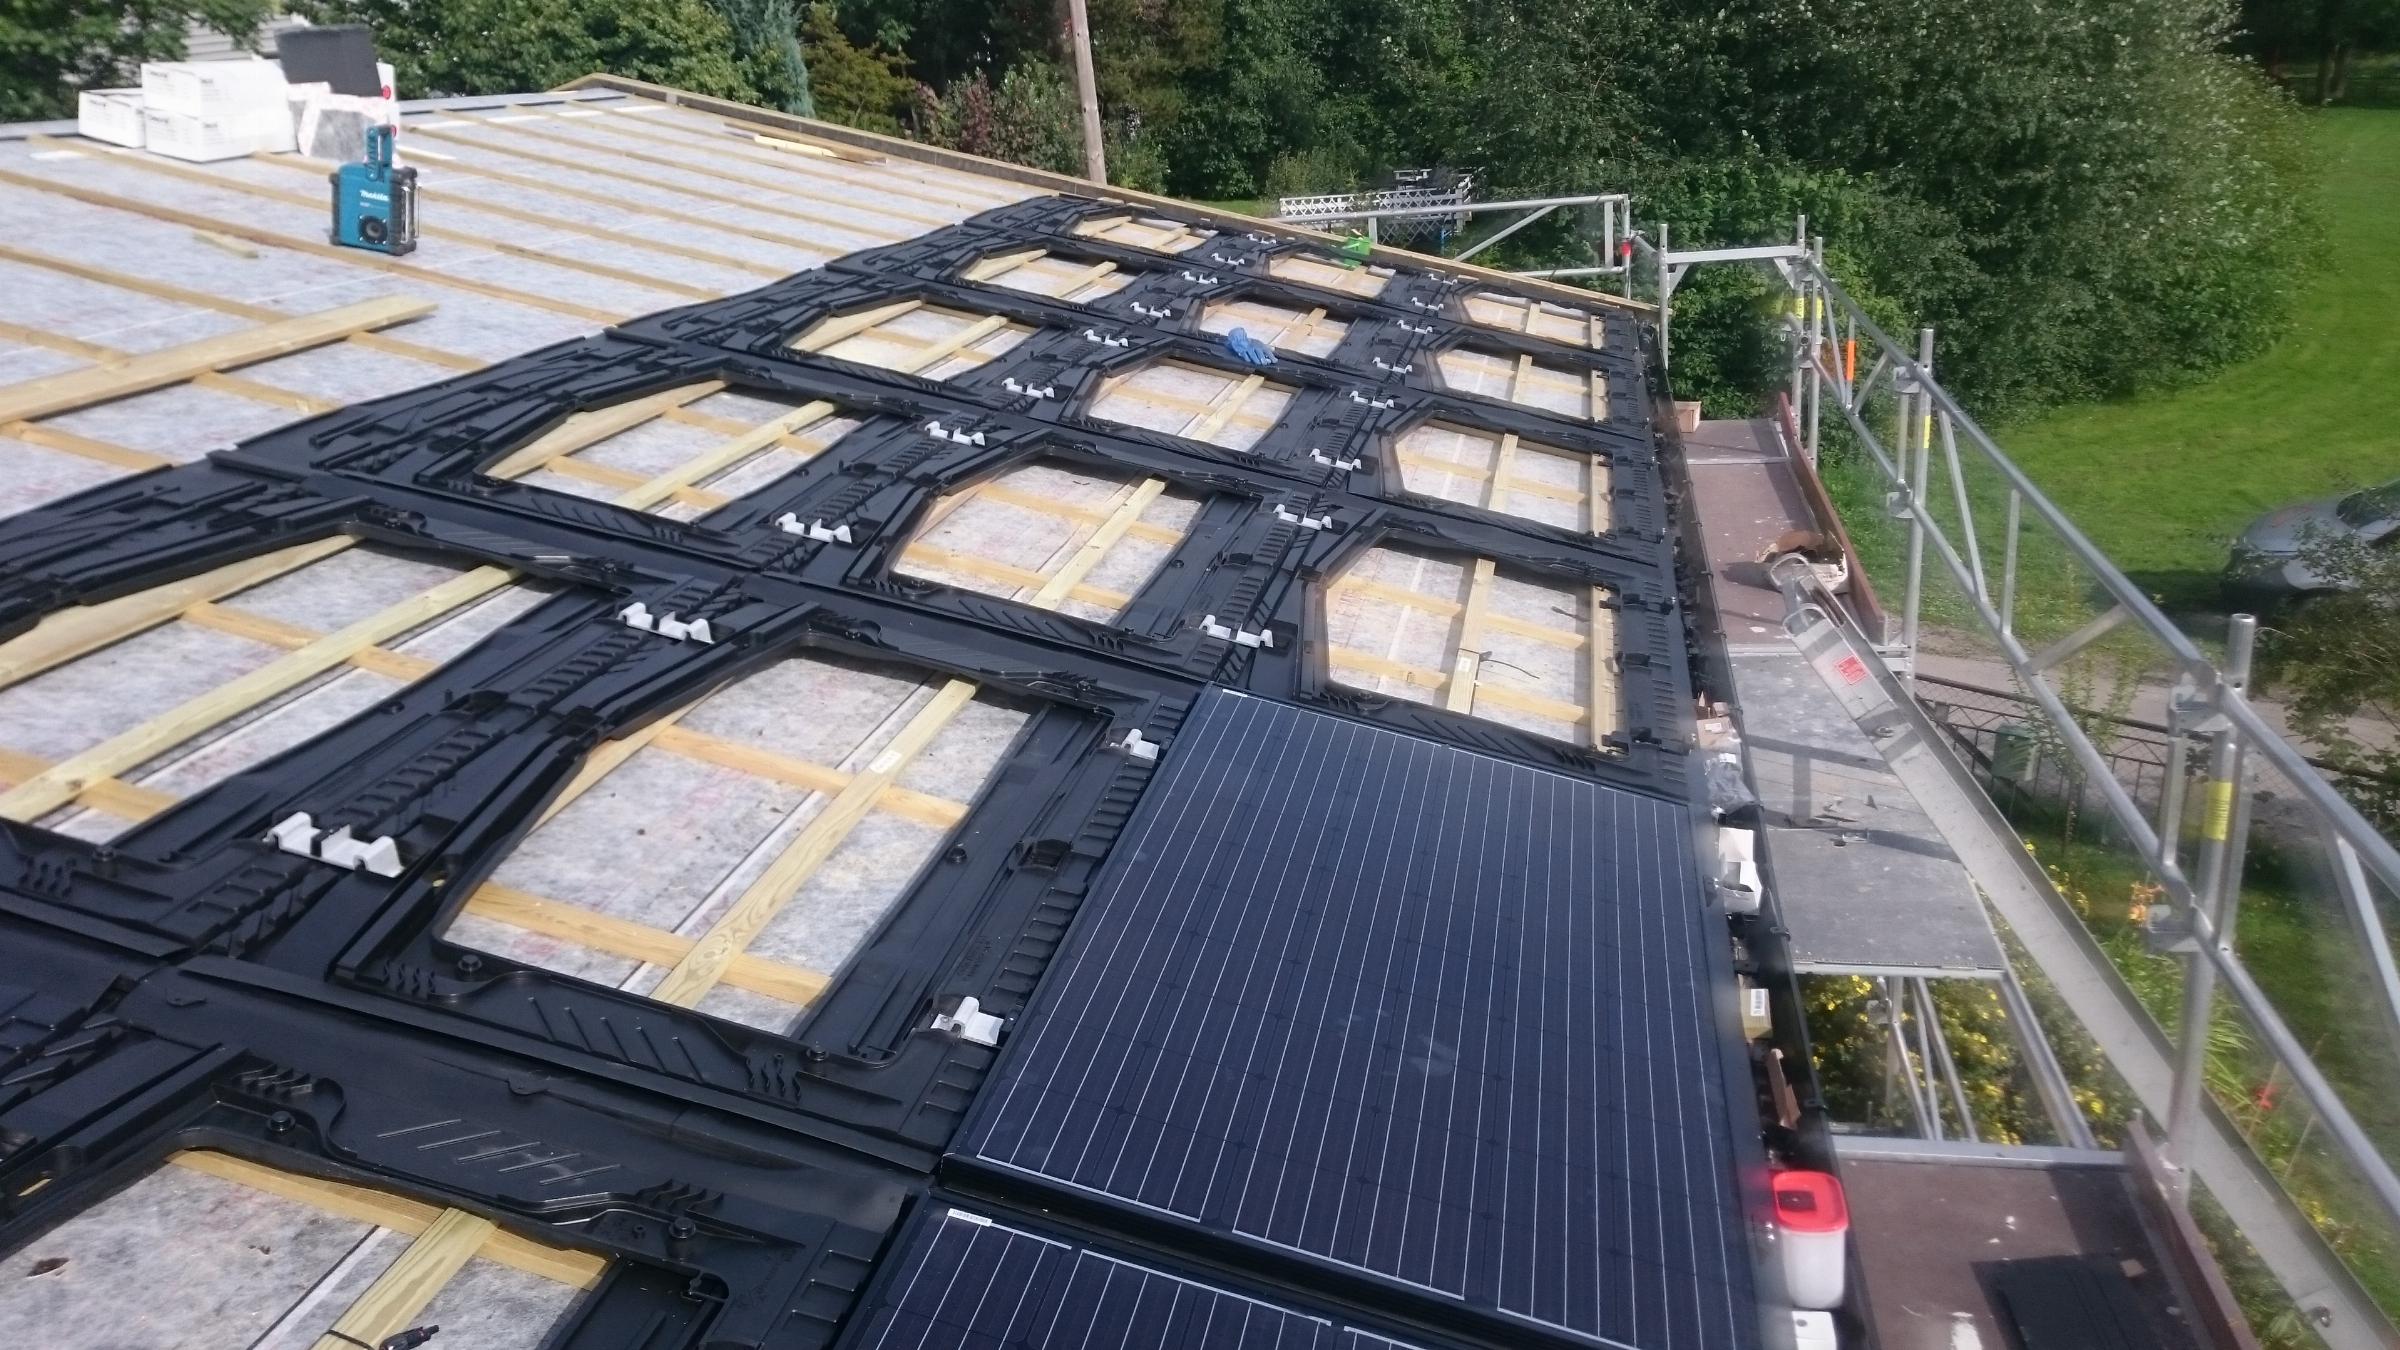 Montering av solceller på tak med riktig grensesnitt mellom elektro, tak og blikkenslagerfagene